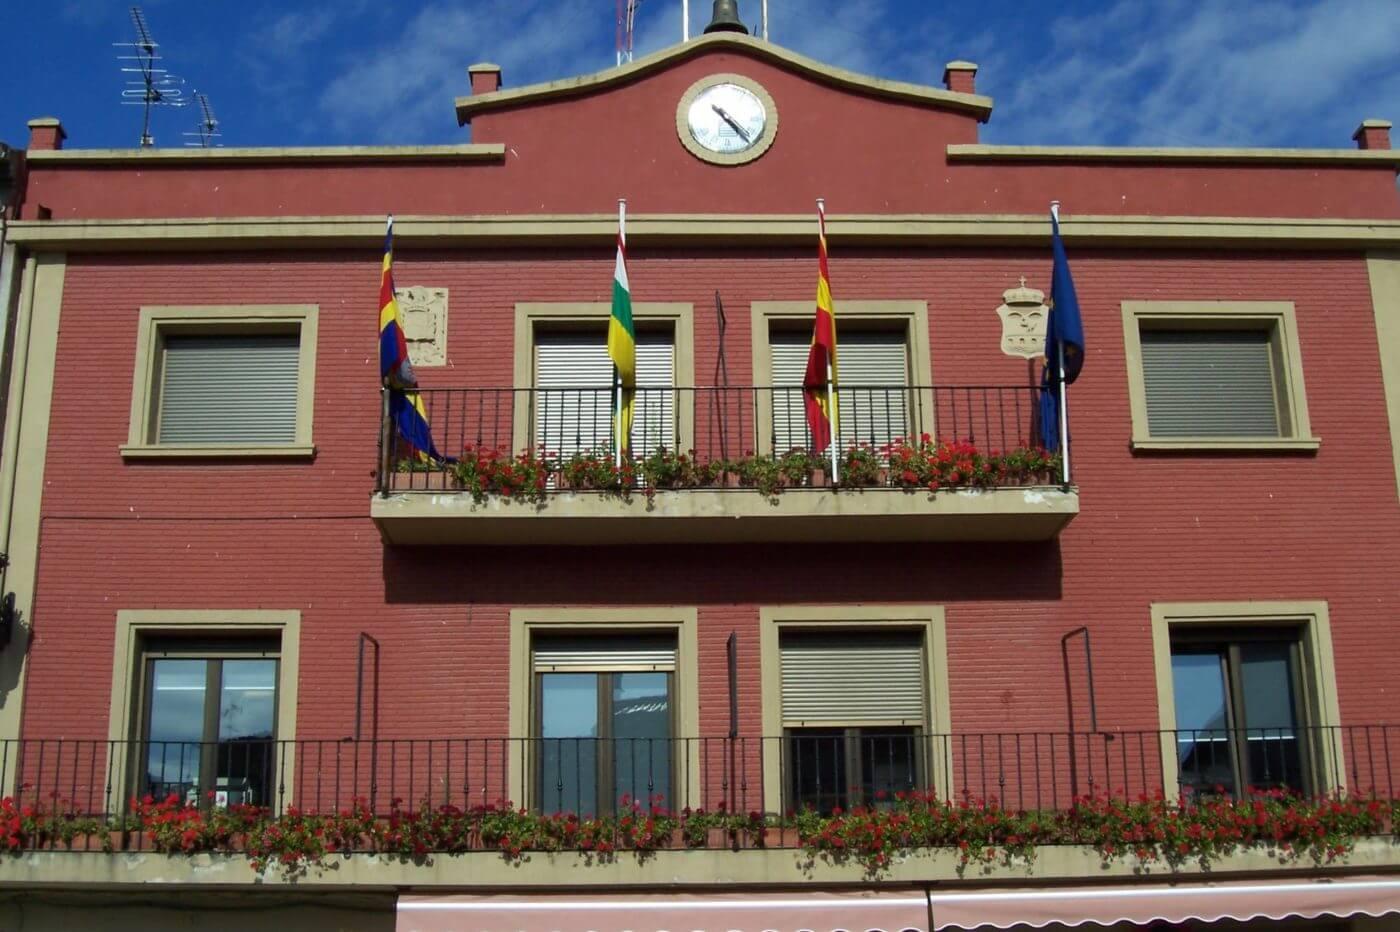 El Ayuntamiento de Autol aprueba un presupuesto de 4,7 millones de euros para este año